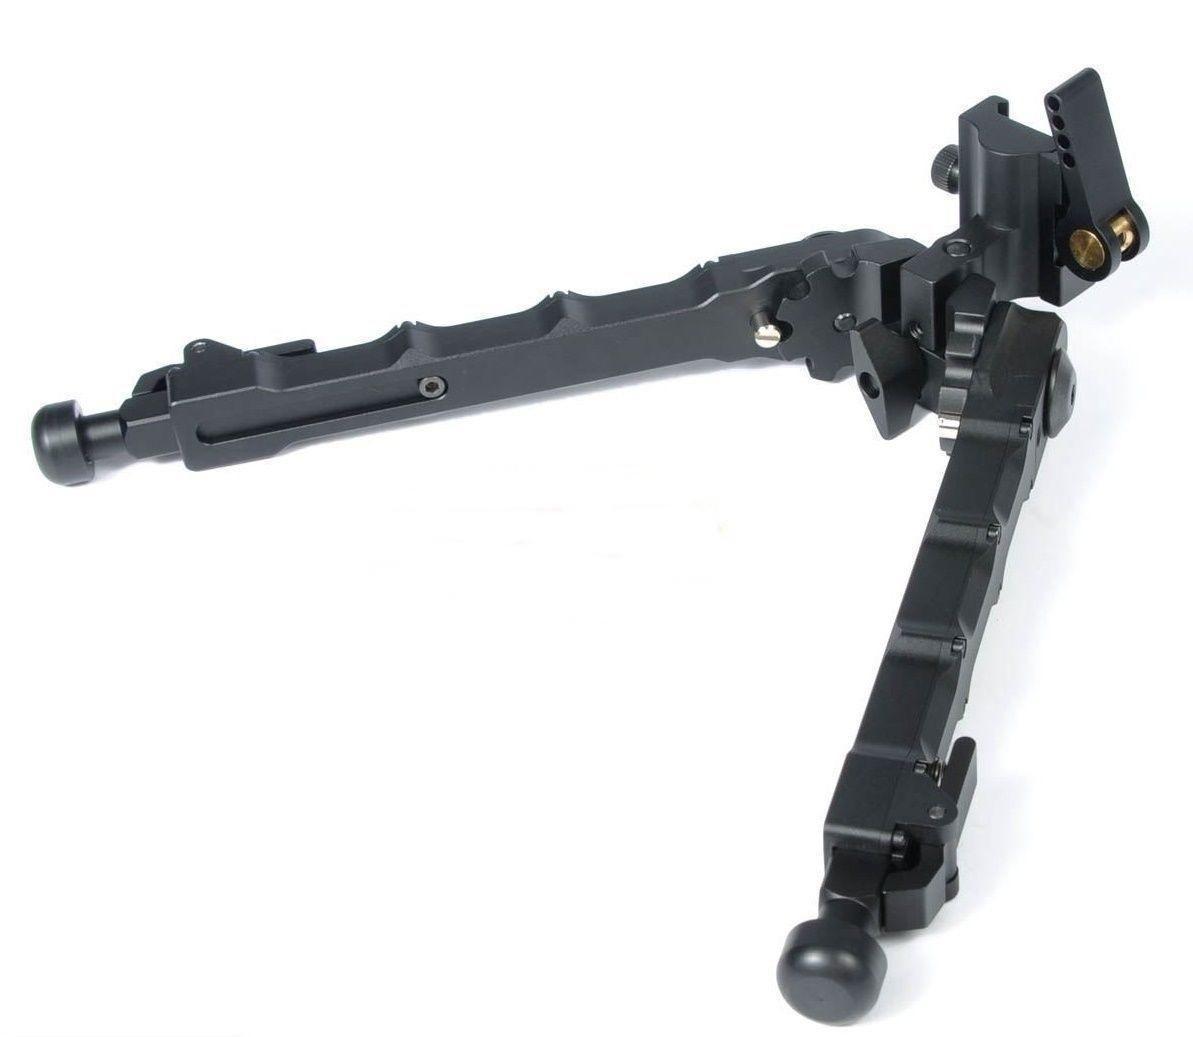 AR15 여름 아이 전술 장난감 총을위한 장난감 소총 알루미늄 합금 양각대를 사냥 CNC 아노다이징